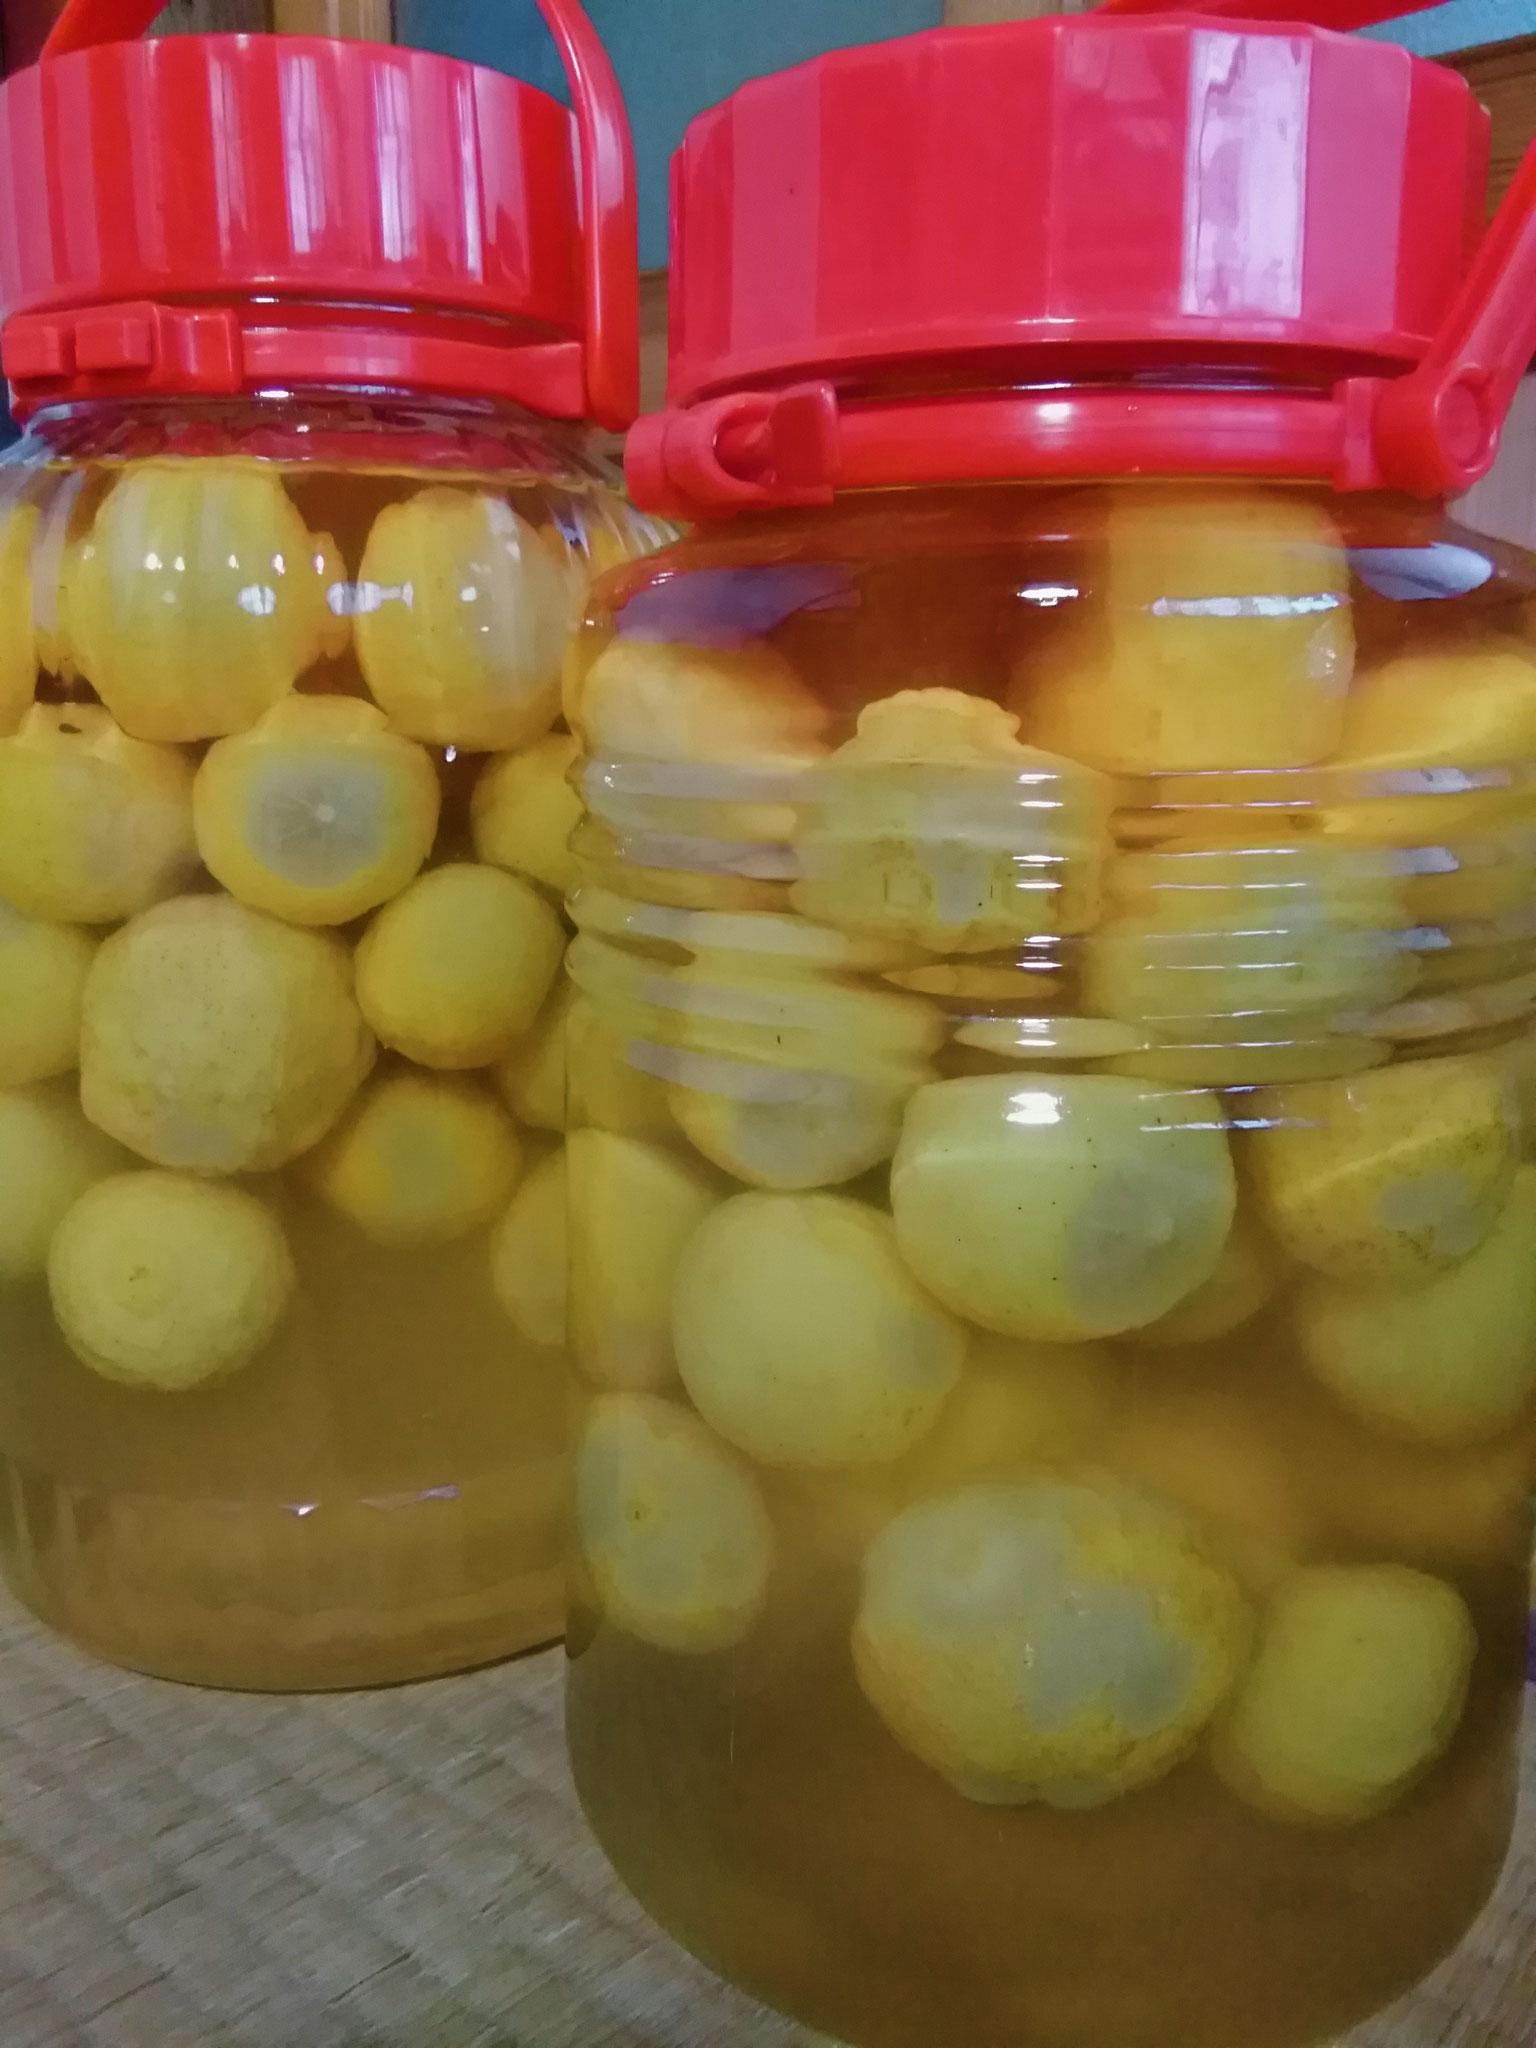 丸ごと柚子のシロップ漬け。リンゴ酢入り。季節に合わせて炭酸水や熱湯を入れ、実ごといただきます。